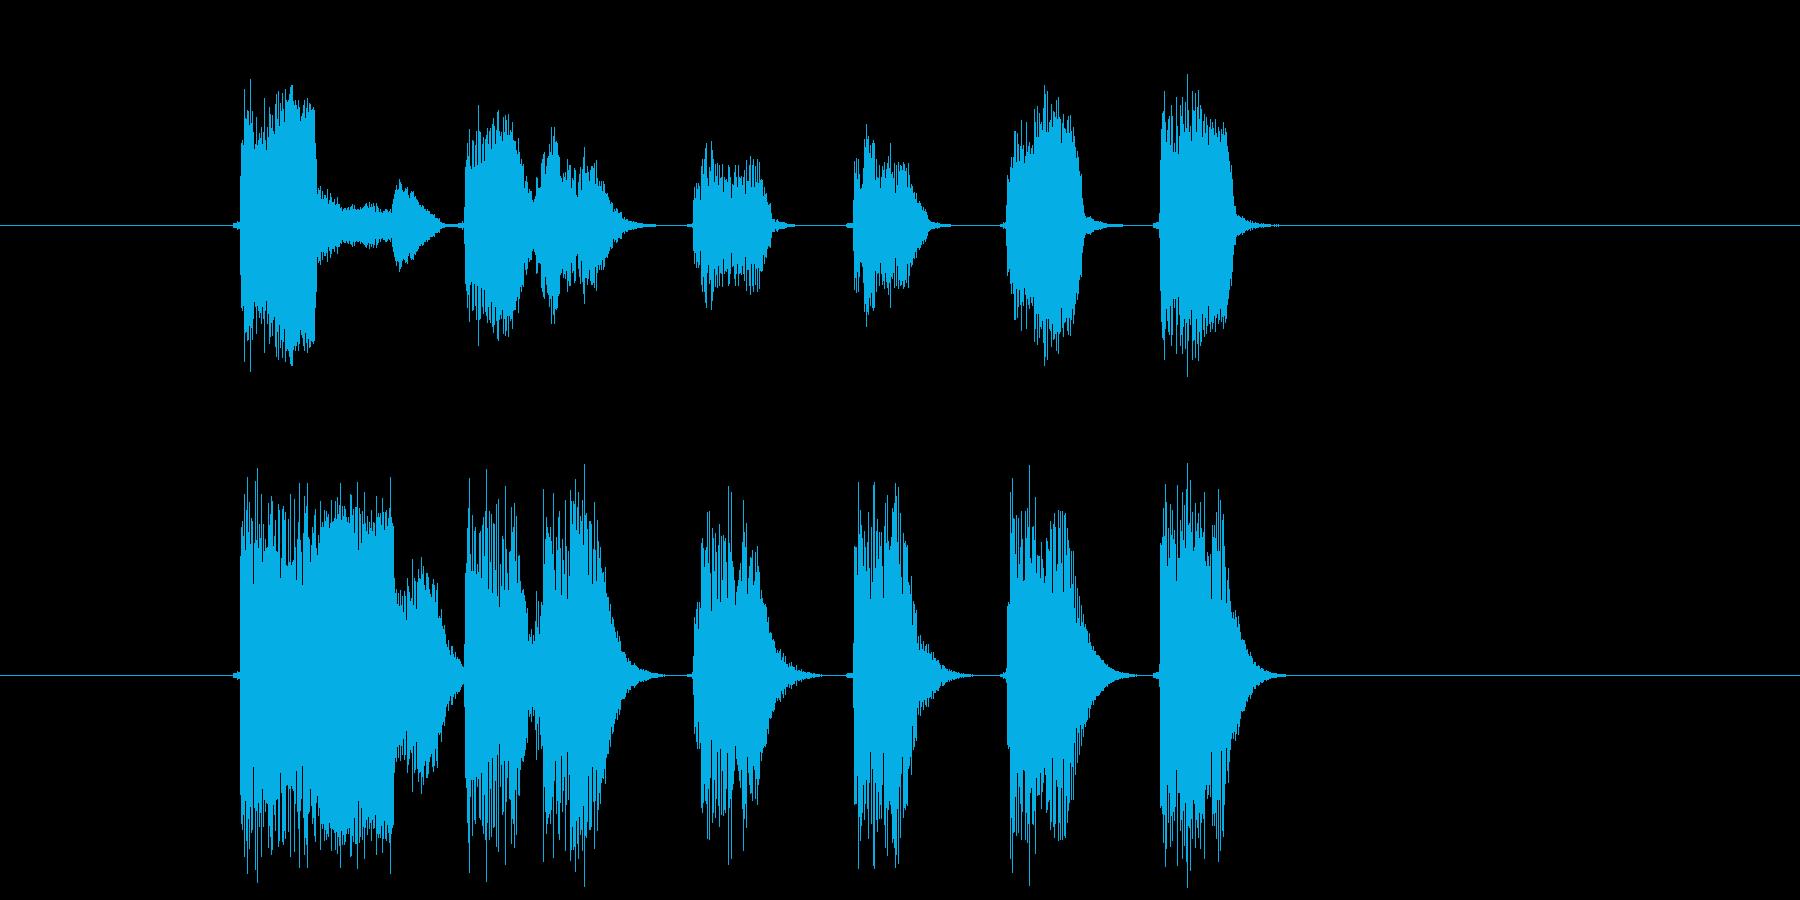 ゲームオーバーに最適なエレピ音の再生済みの波形